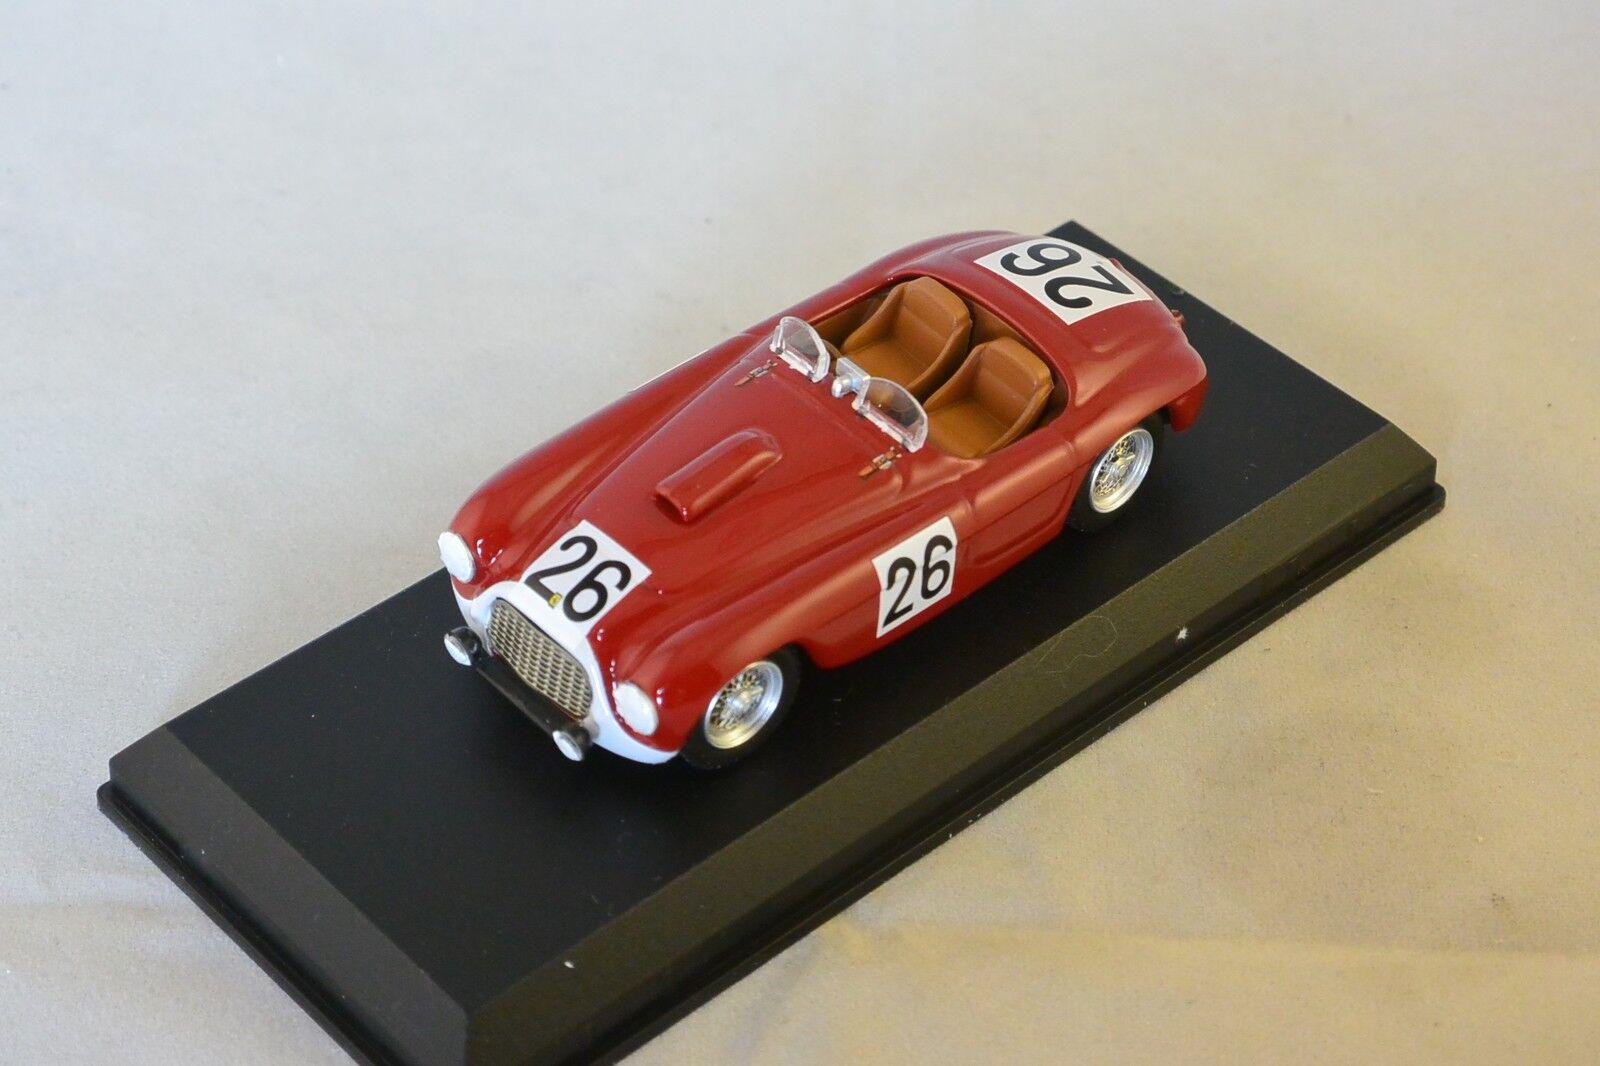 Art MODEL 286 - Ferrari 166 MM  26 24H du Mans - 1950  1/43